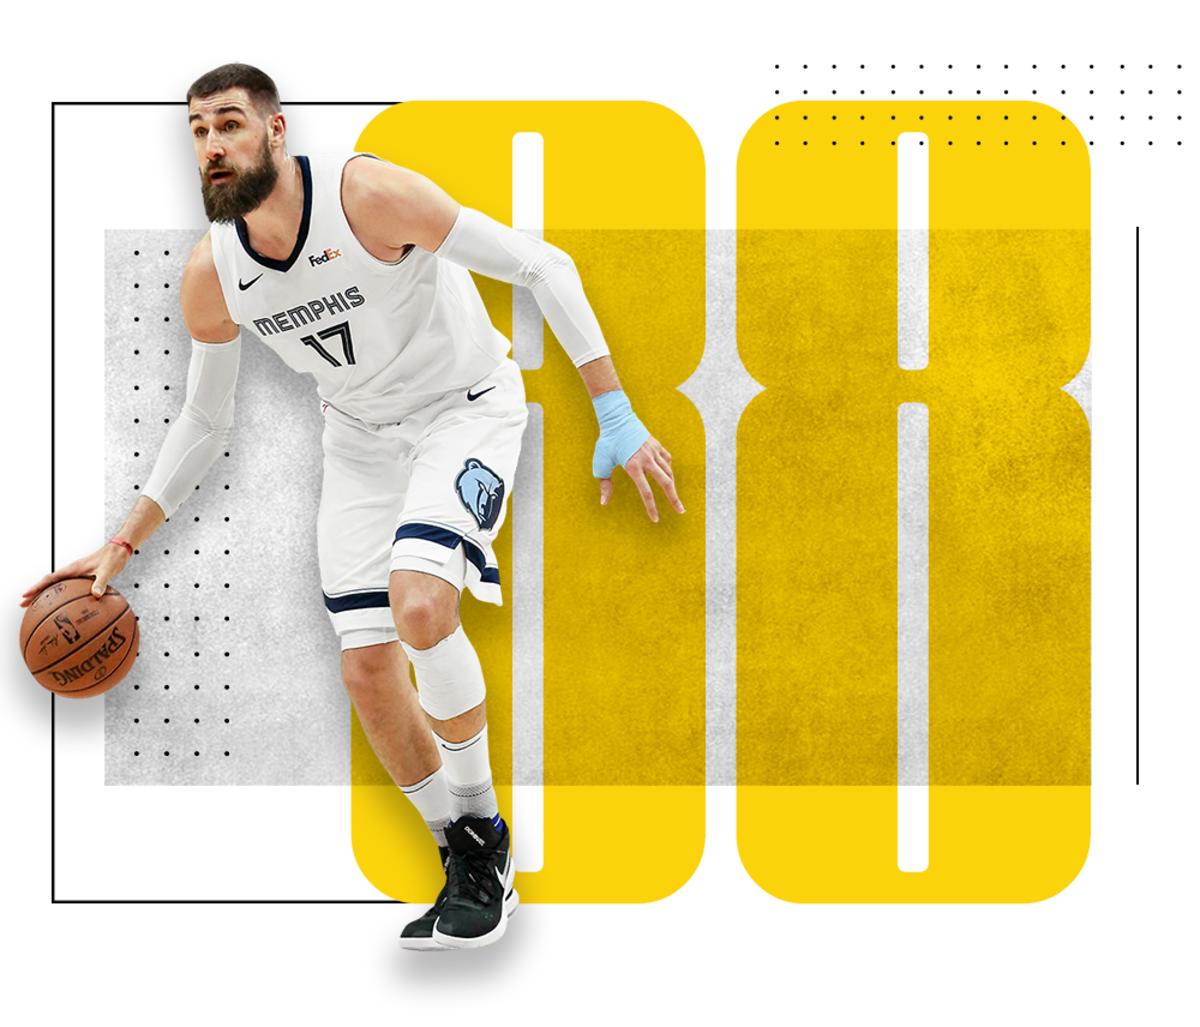 top-100-nba-players-2020-jonas_valanciunas.png